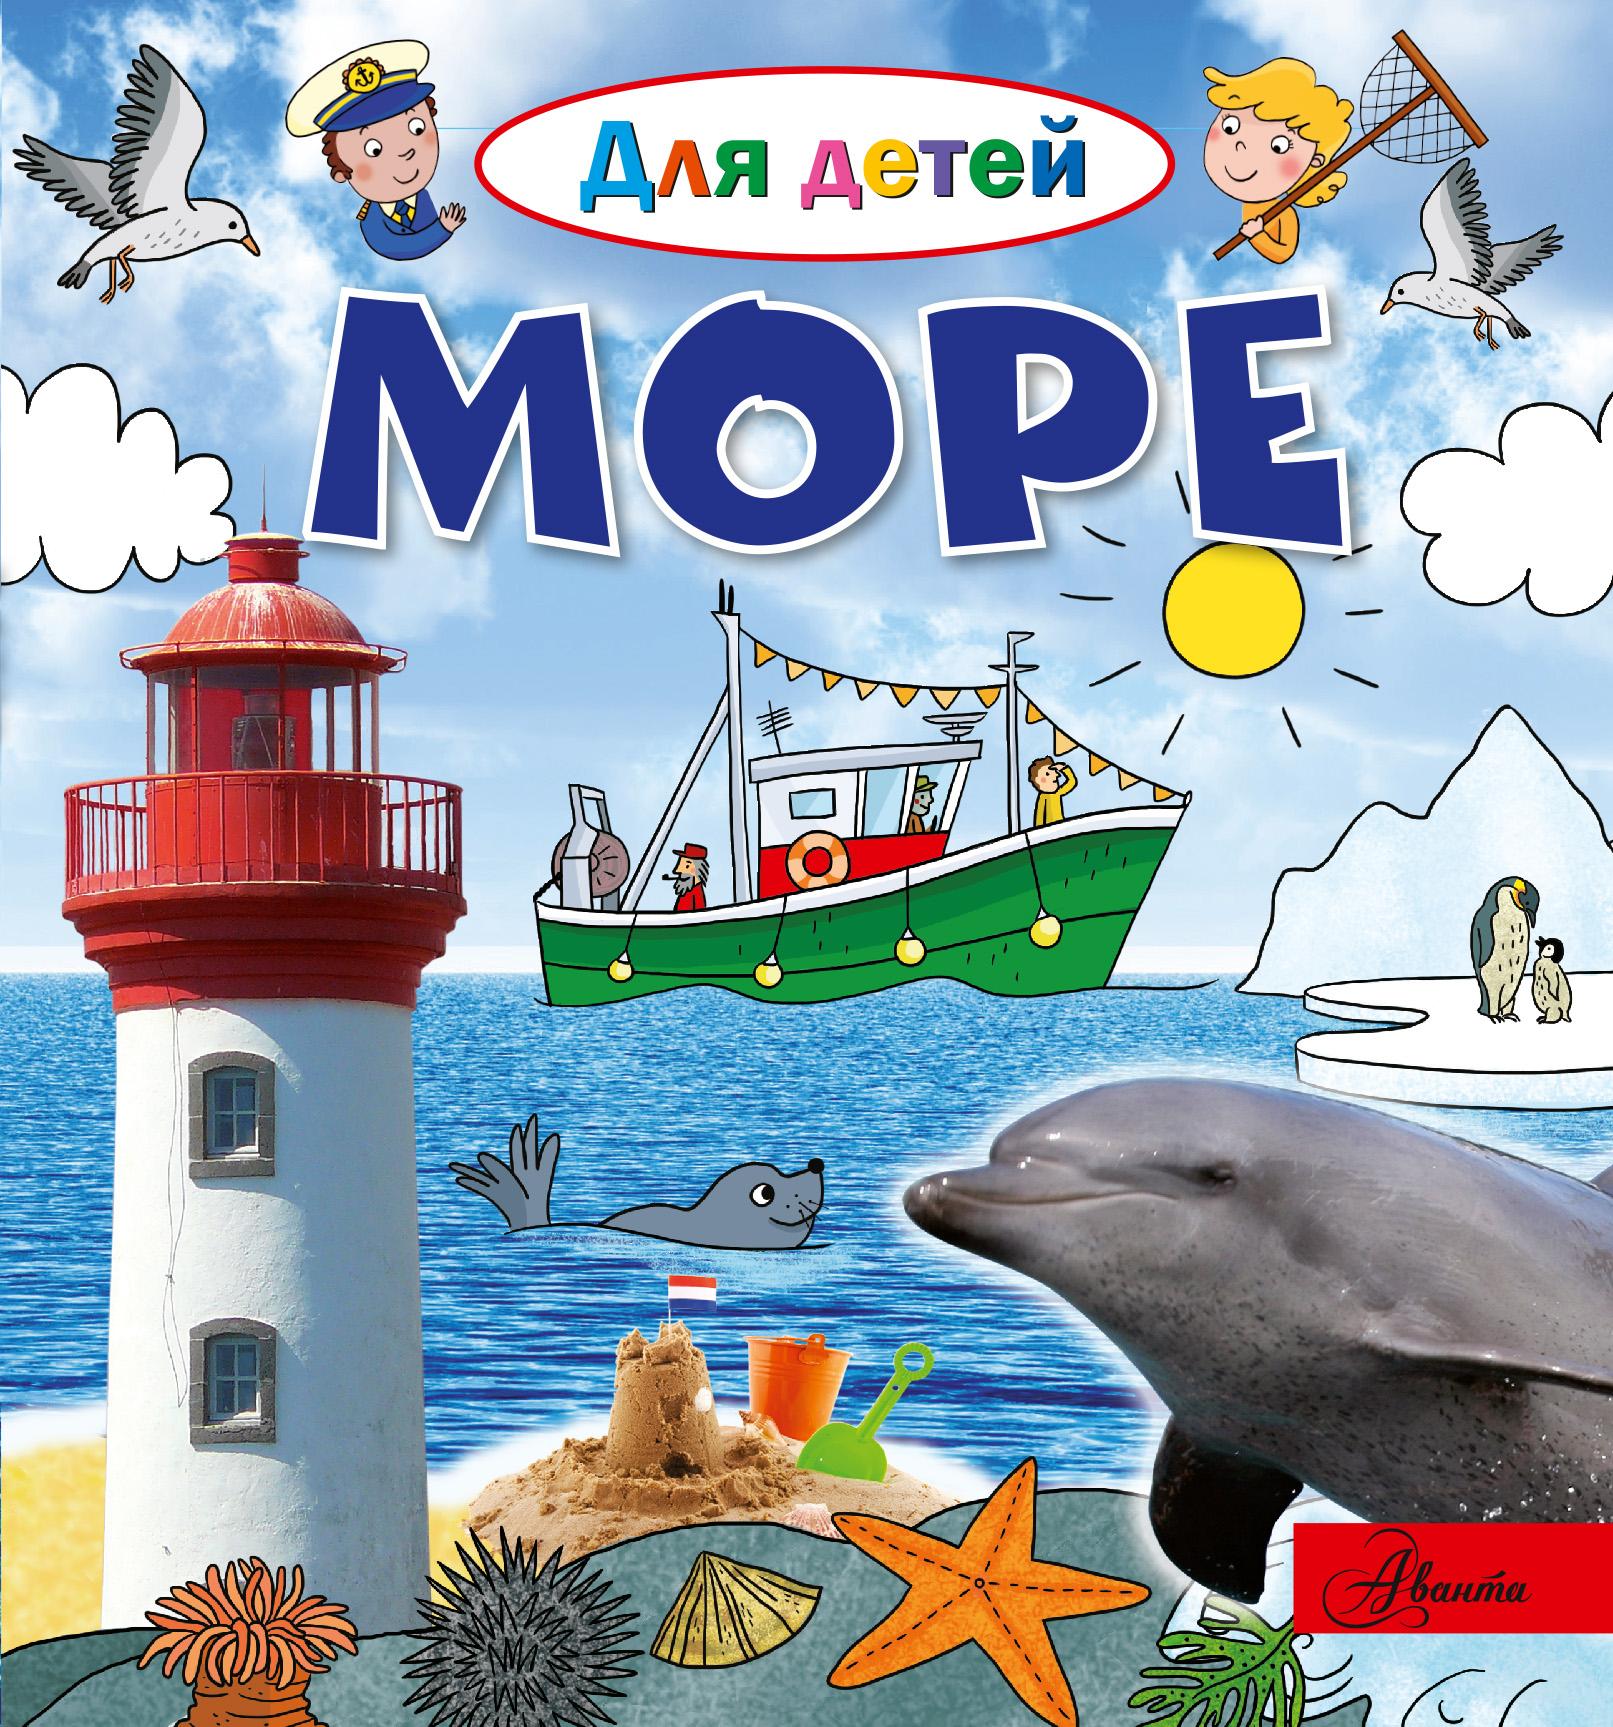 Эммануэль Лепти Море гальчук а п почему кит не рыба интересные факты о морских обитателях 5